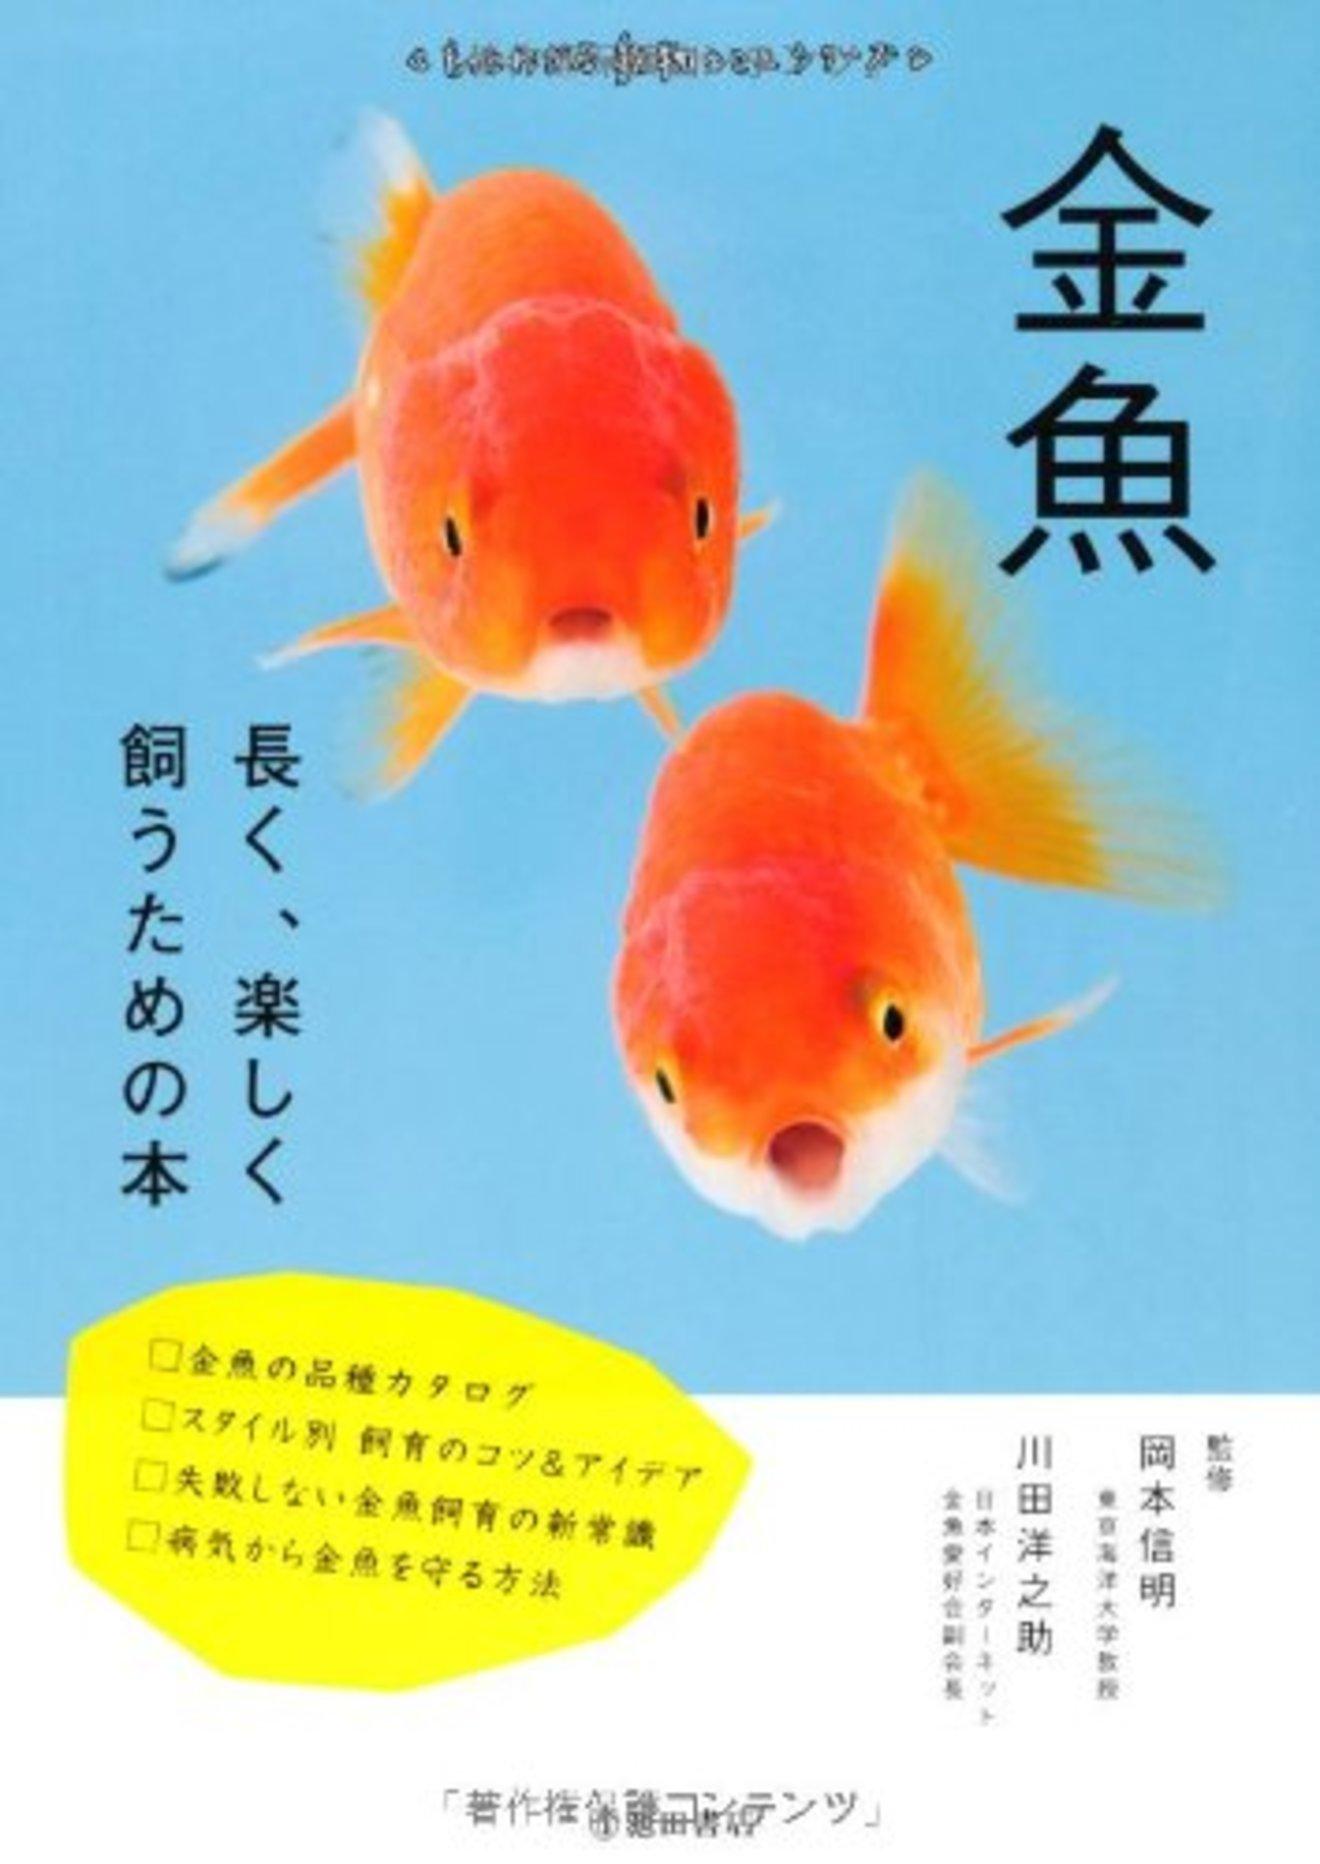 金魚の飼育方法を解説!身近だけれど正しい育て方、知ってますか?